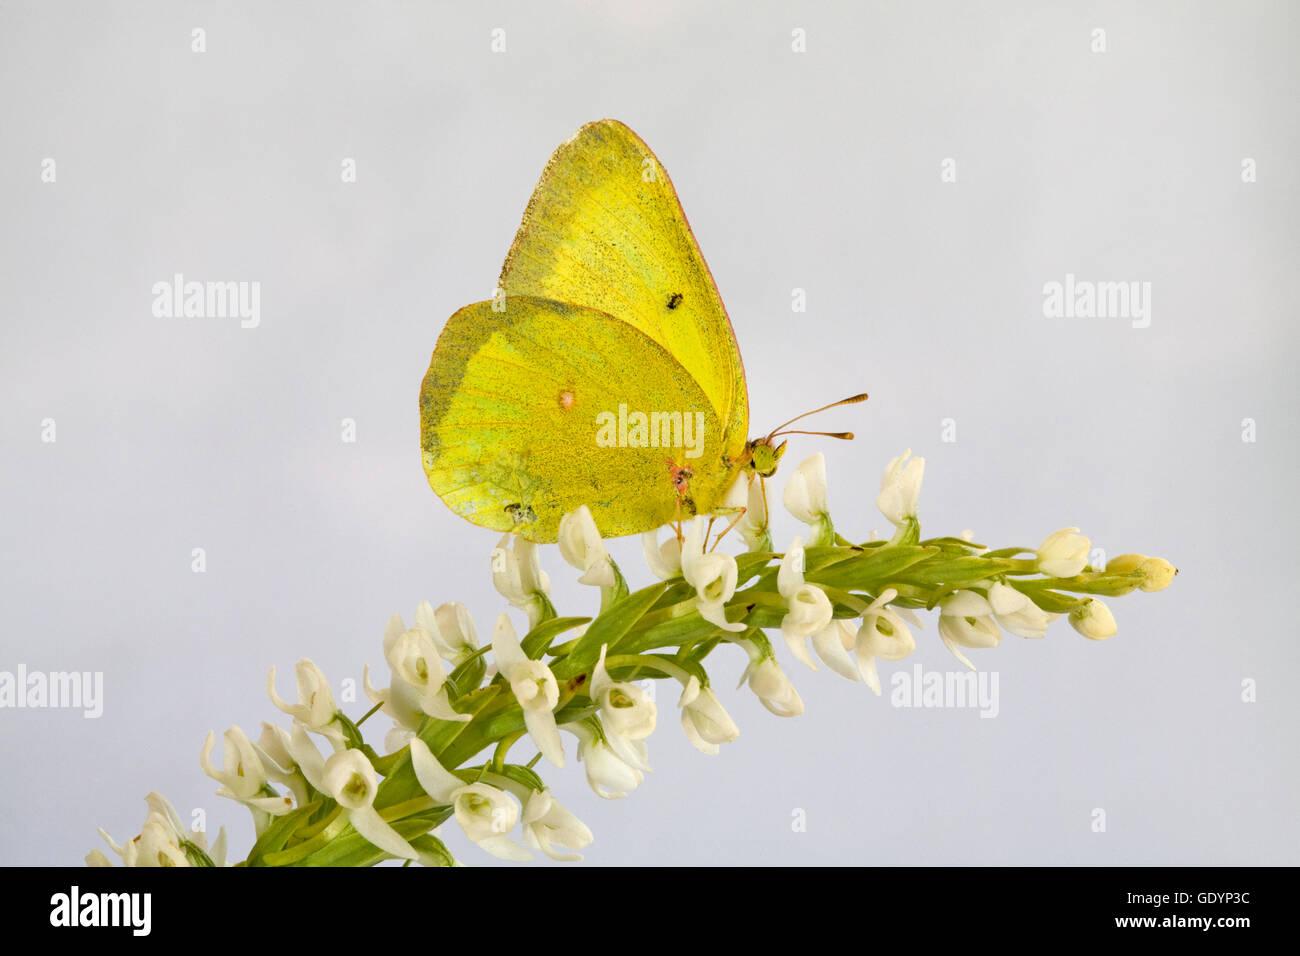 Una nublado, Colias philodice mariposas de azufre, tomando el néctar de una flor Imagen De Stock